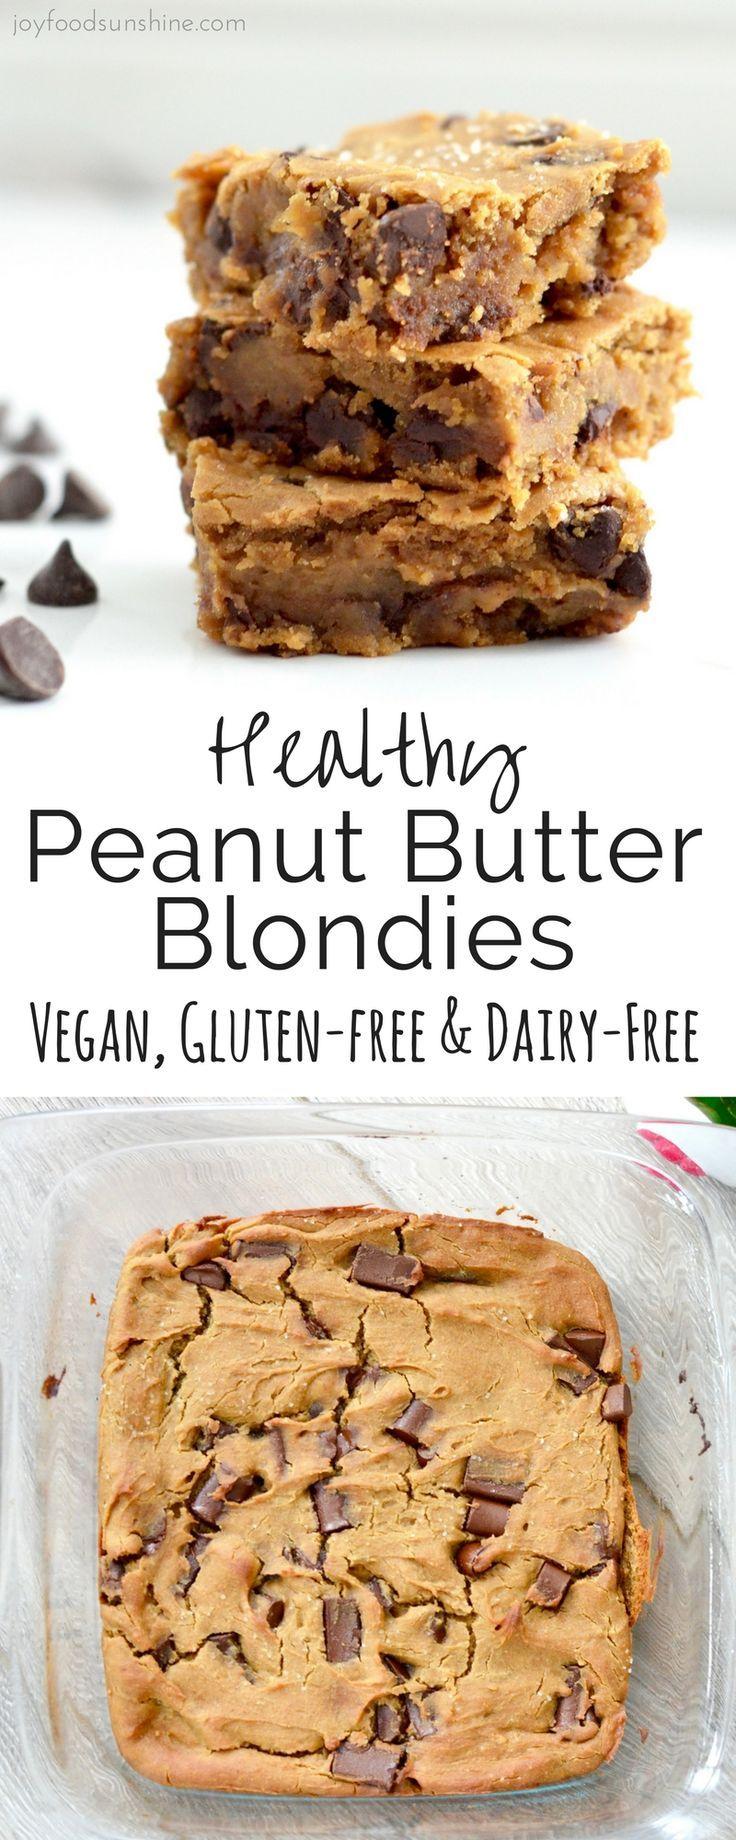 Gesunde Erdnussbutter Blondies! Die Verwendung von Kichererbsen macht diese Riegel zu einem Dessert, bei dem Sie sich gut fühlen können! Sie sind glutenfrei, milchfrei, raffiniert zuckerfrei und vegan freundlich #dairyfree